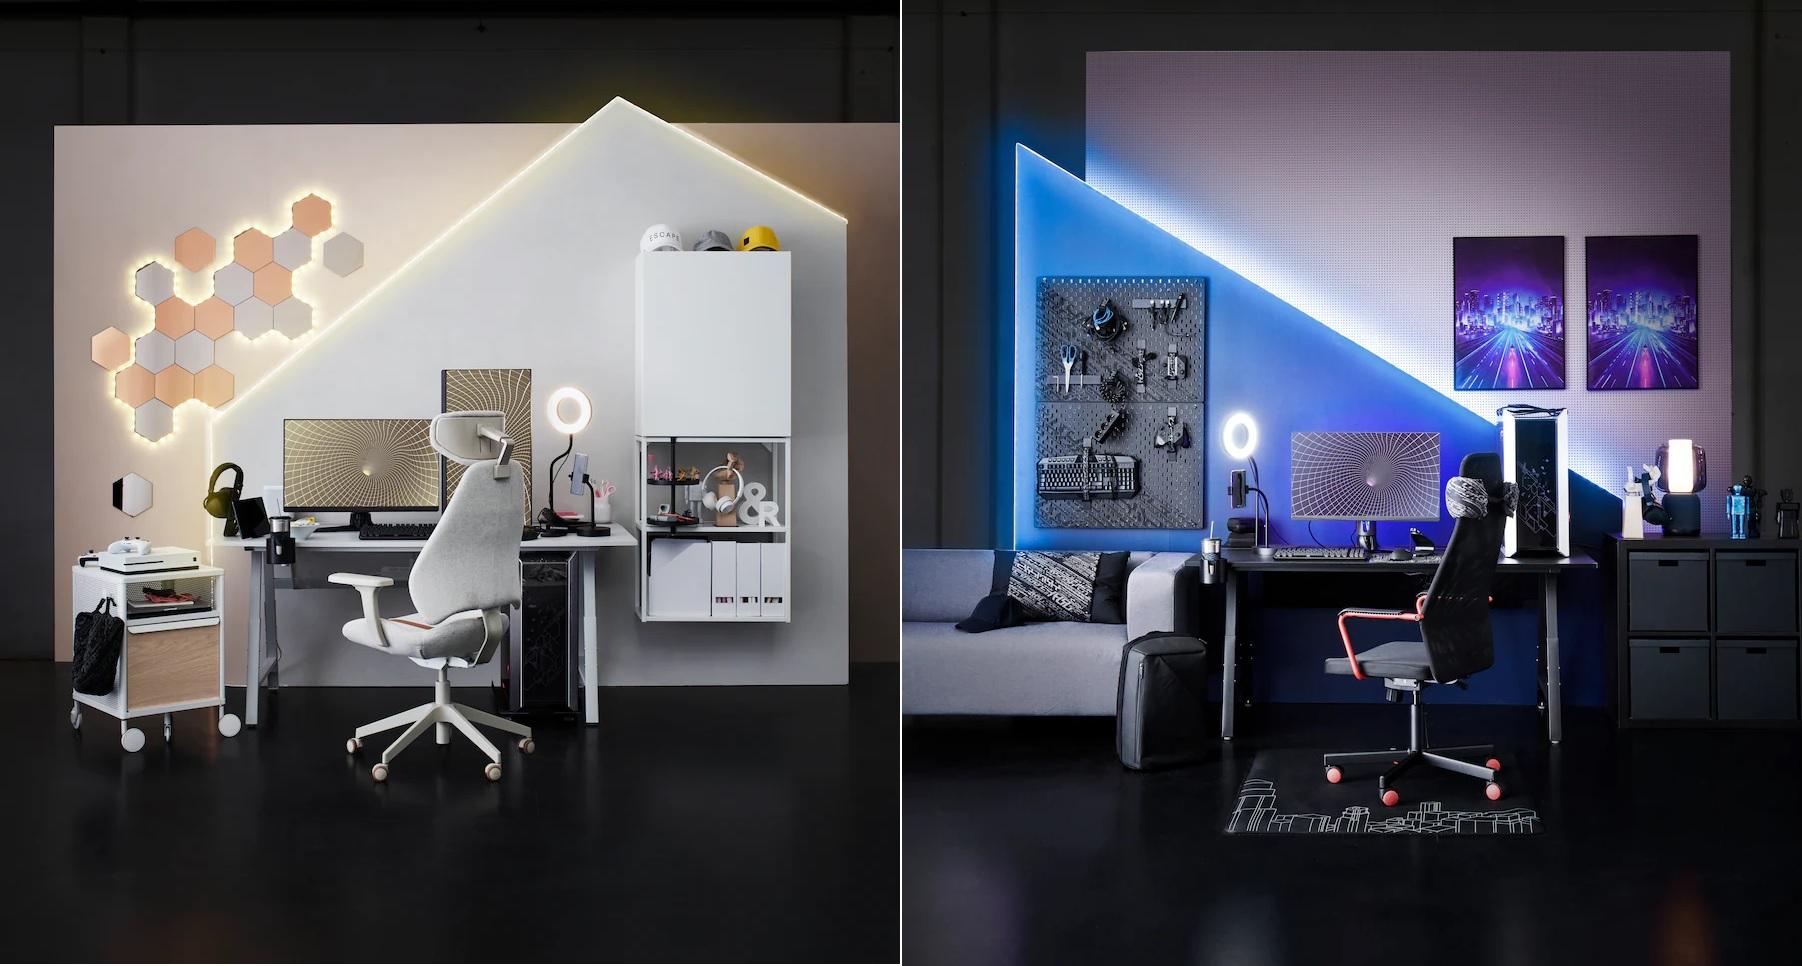 Ikea kết hợp ASUS ROG tung ra bộ sưu tập gaming mới, giá từ 8 đến 600 đô la